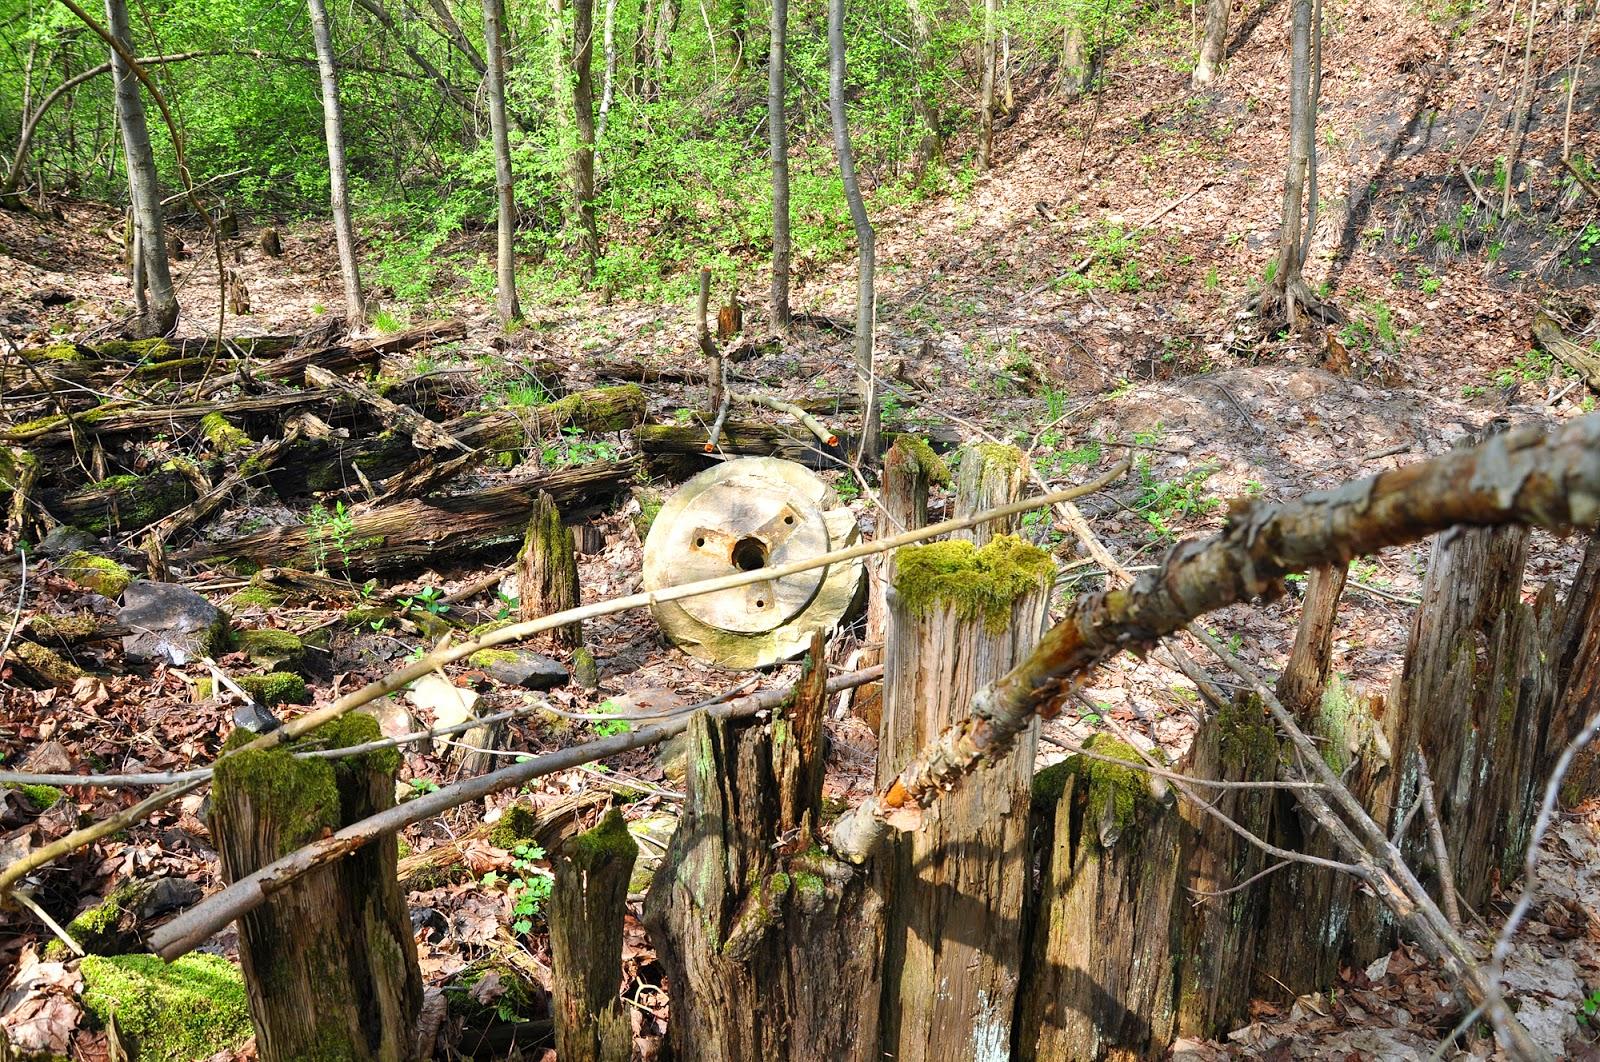 Małachów, zachowane szczątki młyna - widoczny szkielet fundamentów i koła młyńskie. Foto. KW.